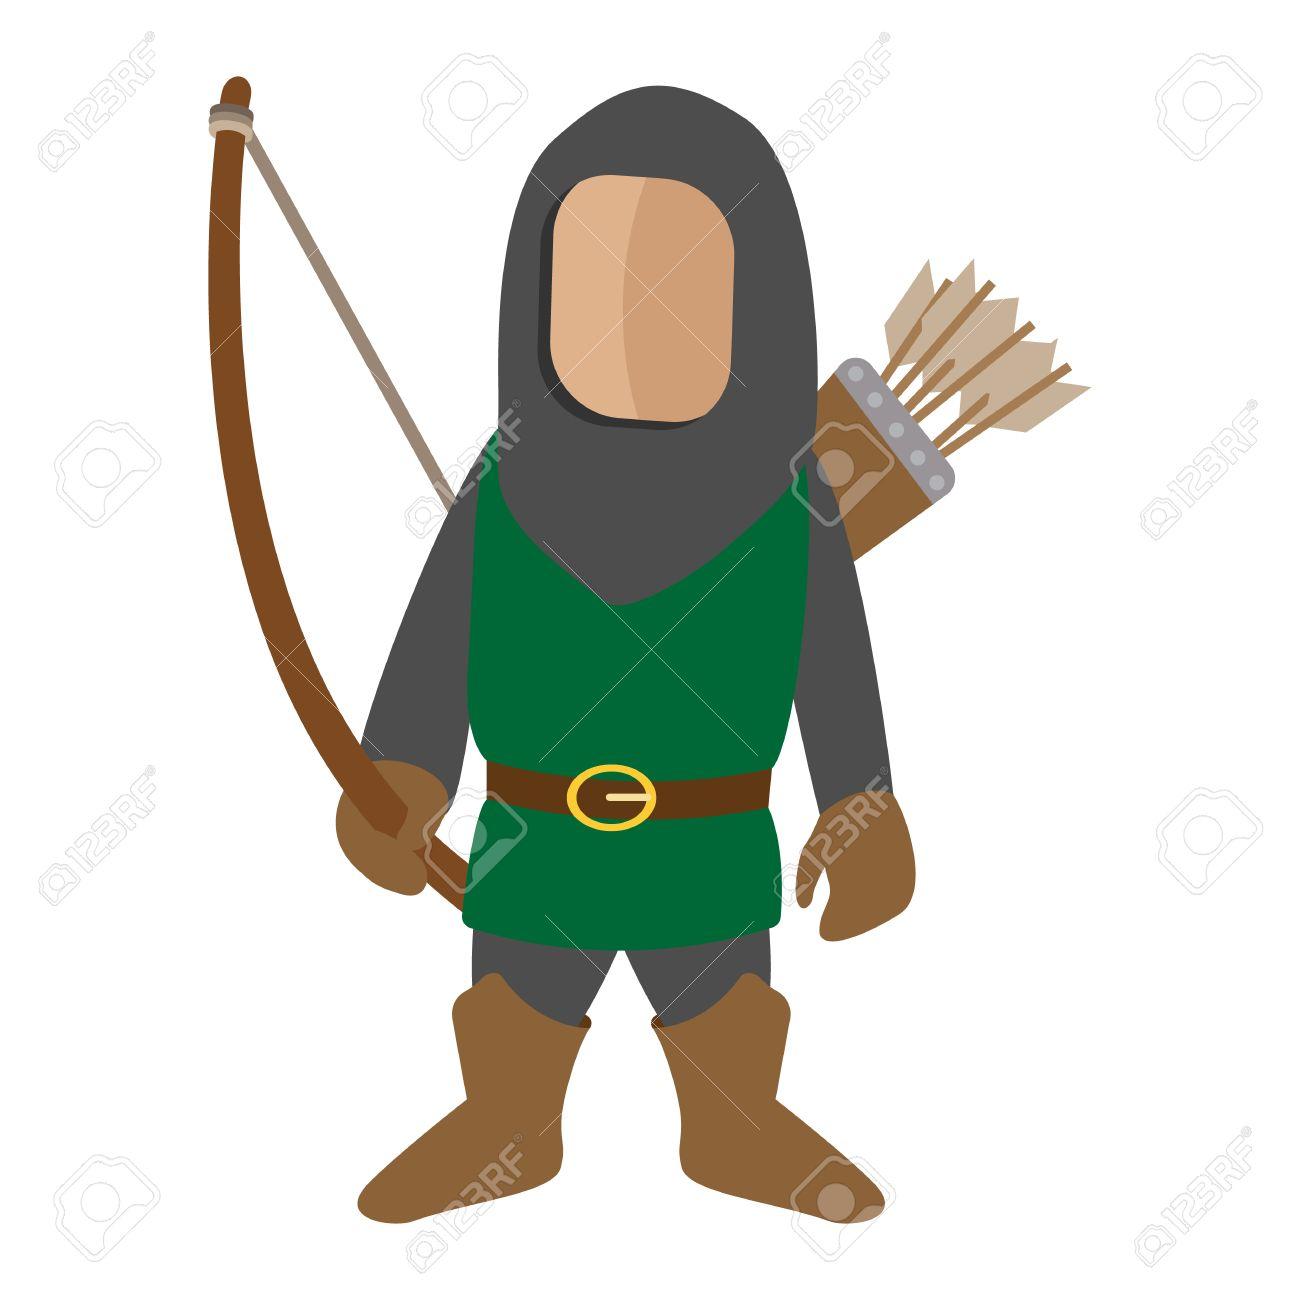 c1e4c0dff Foto de archivo - Medieval icono de dibujos animados arquero carácter. Solo  hombre sobre un fondo blanco